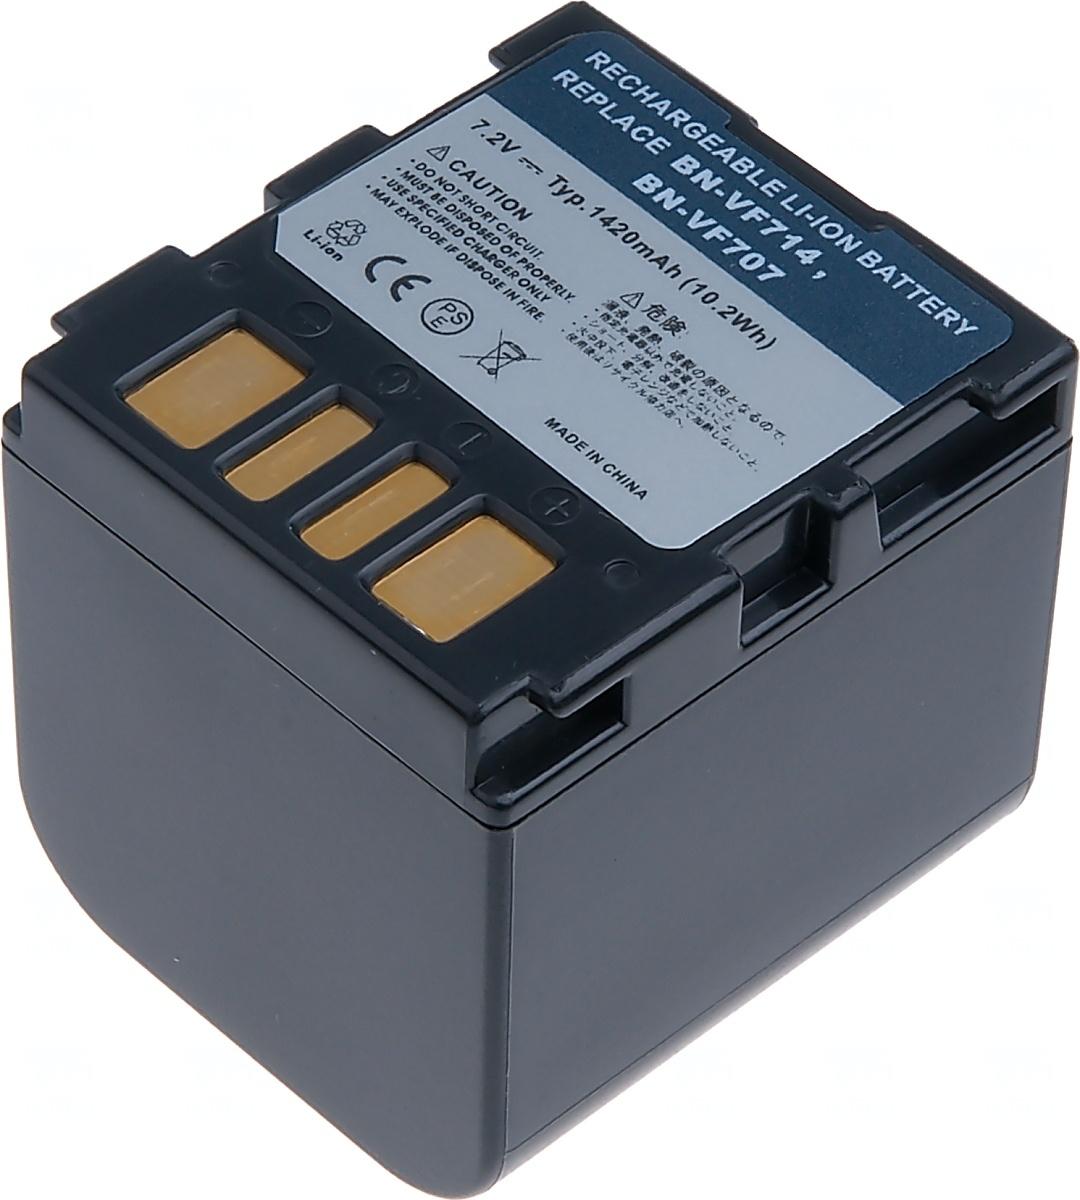 Baterie T6 power JVC BN-VF707U, BN-VF707, BN-VF714, 1420mAh, šedá (Baterie a gripy)